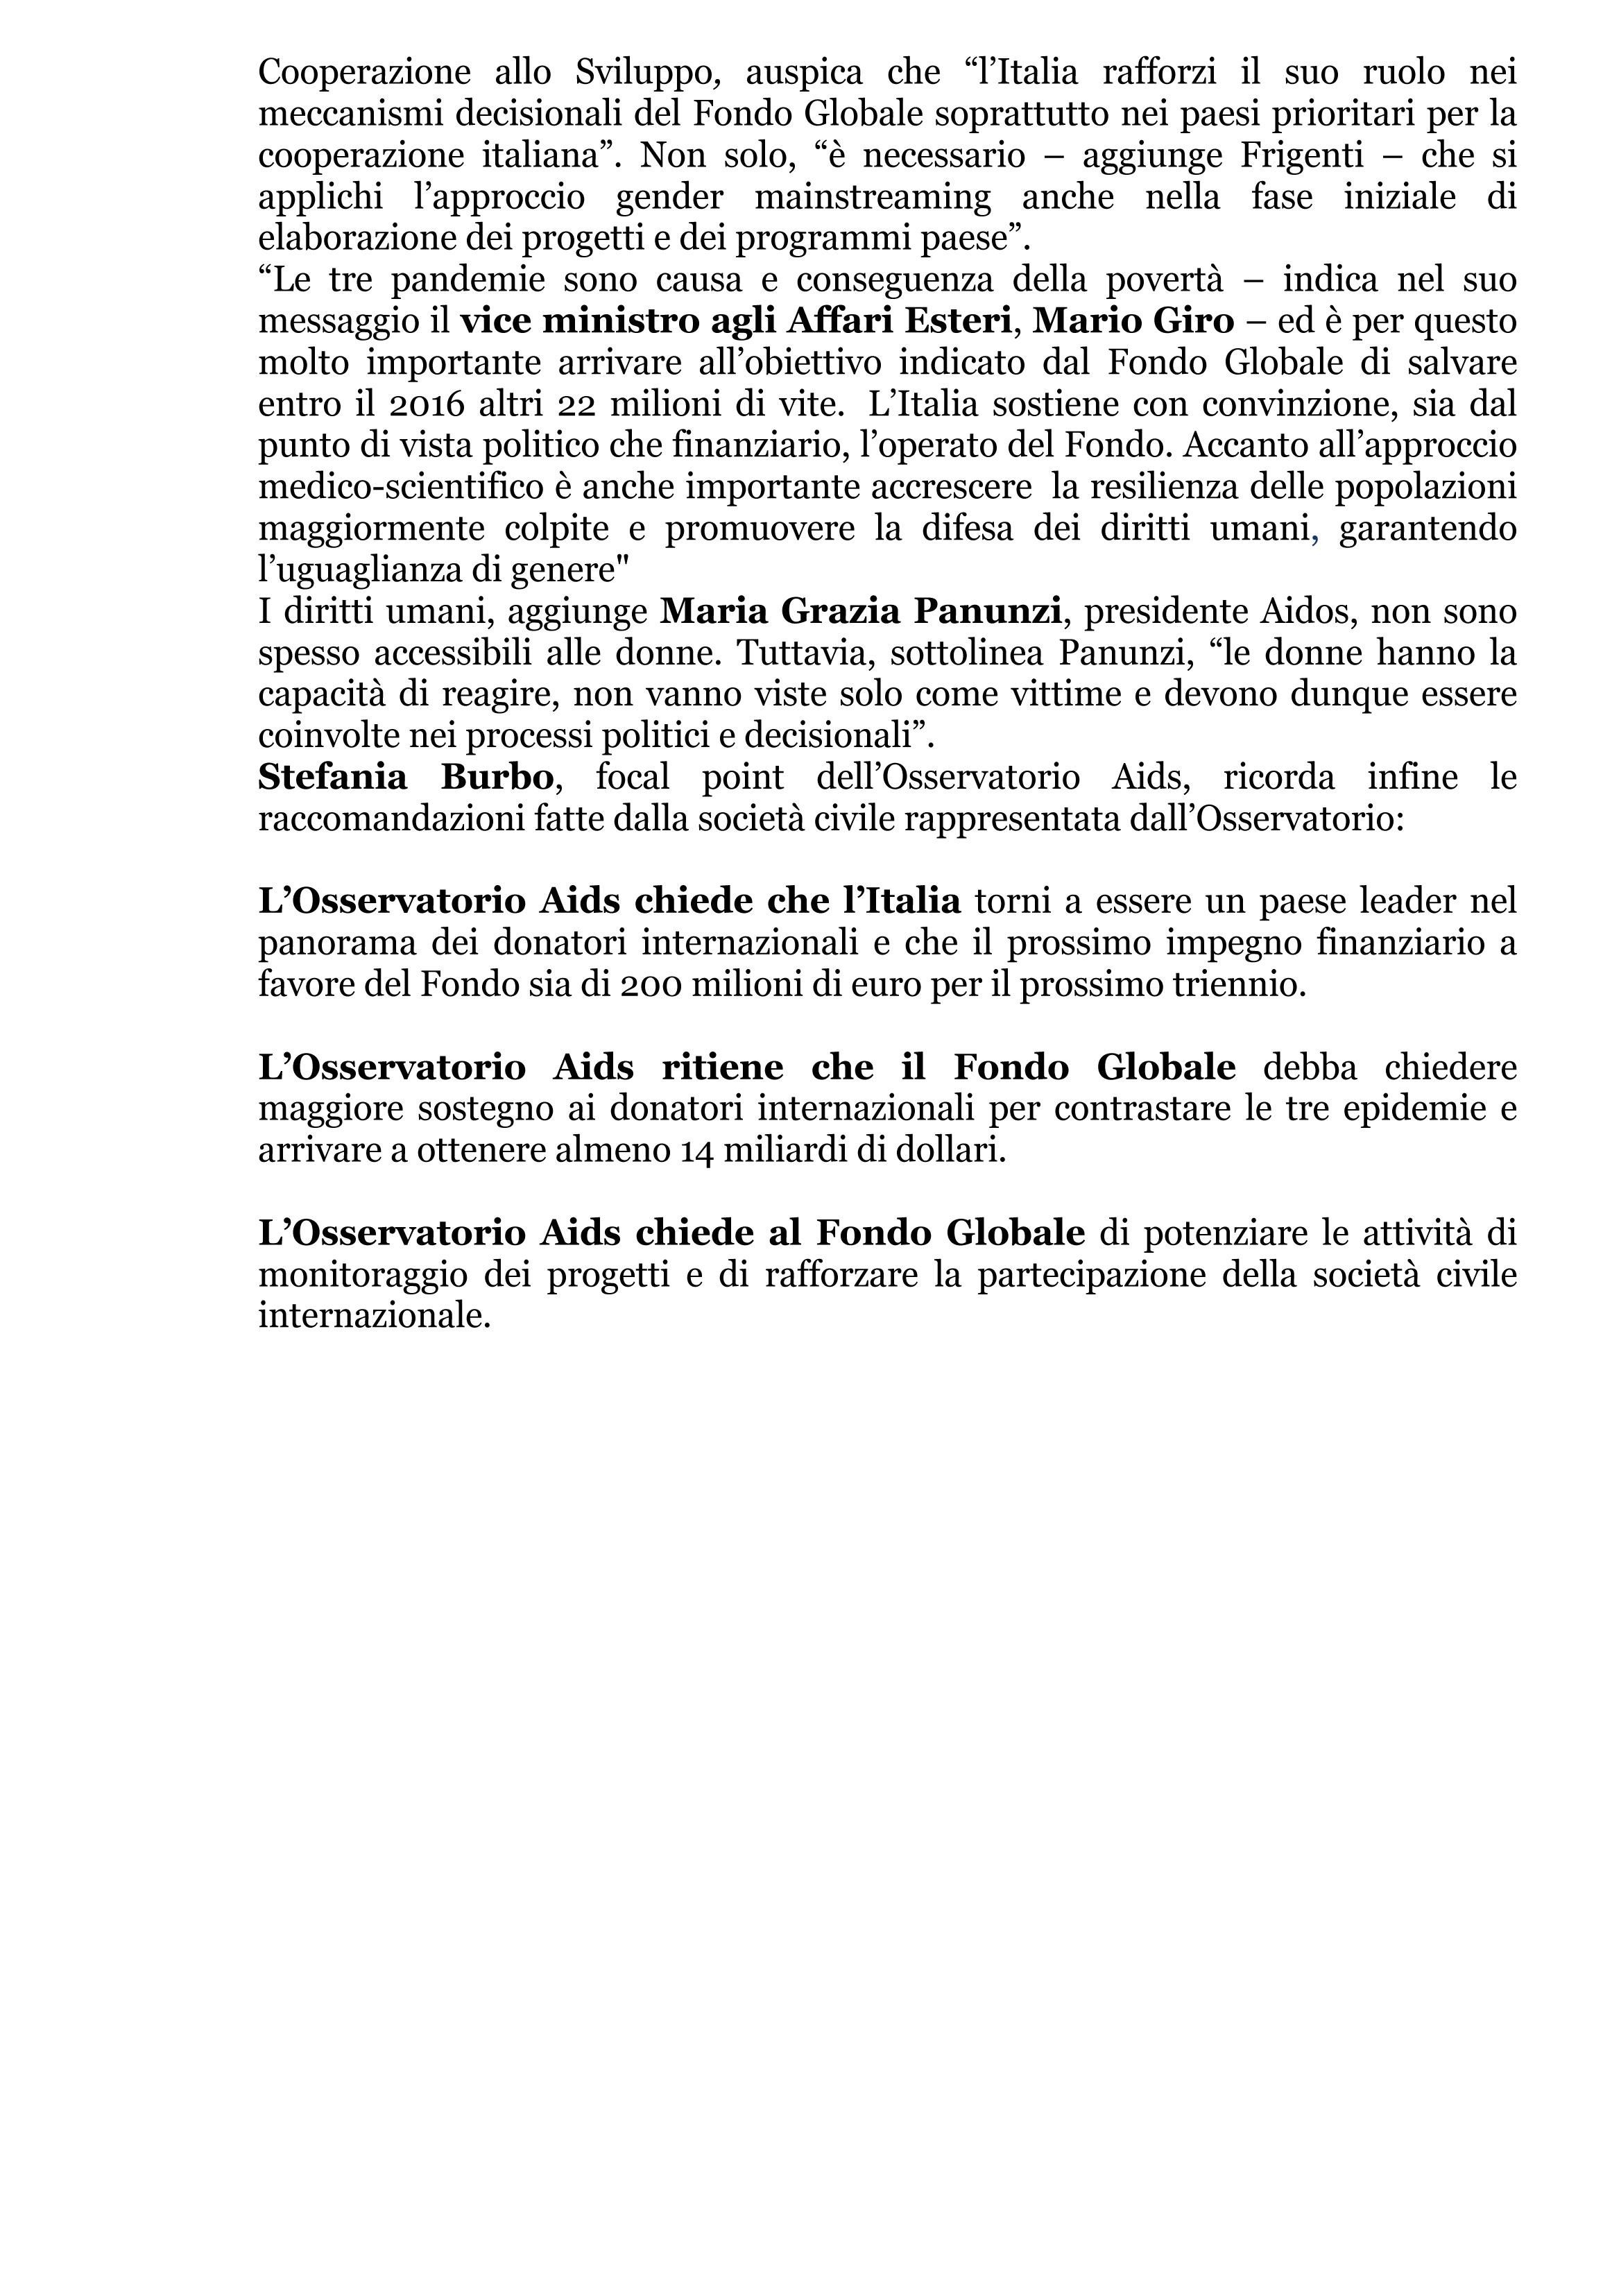 Microsoft Word - comsta_14giugno_post.doc